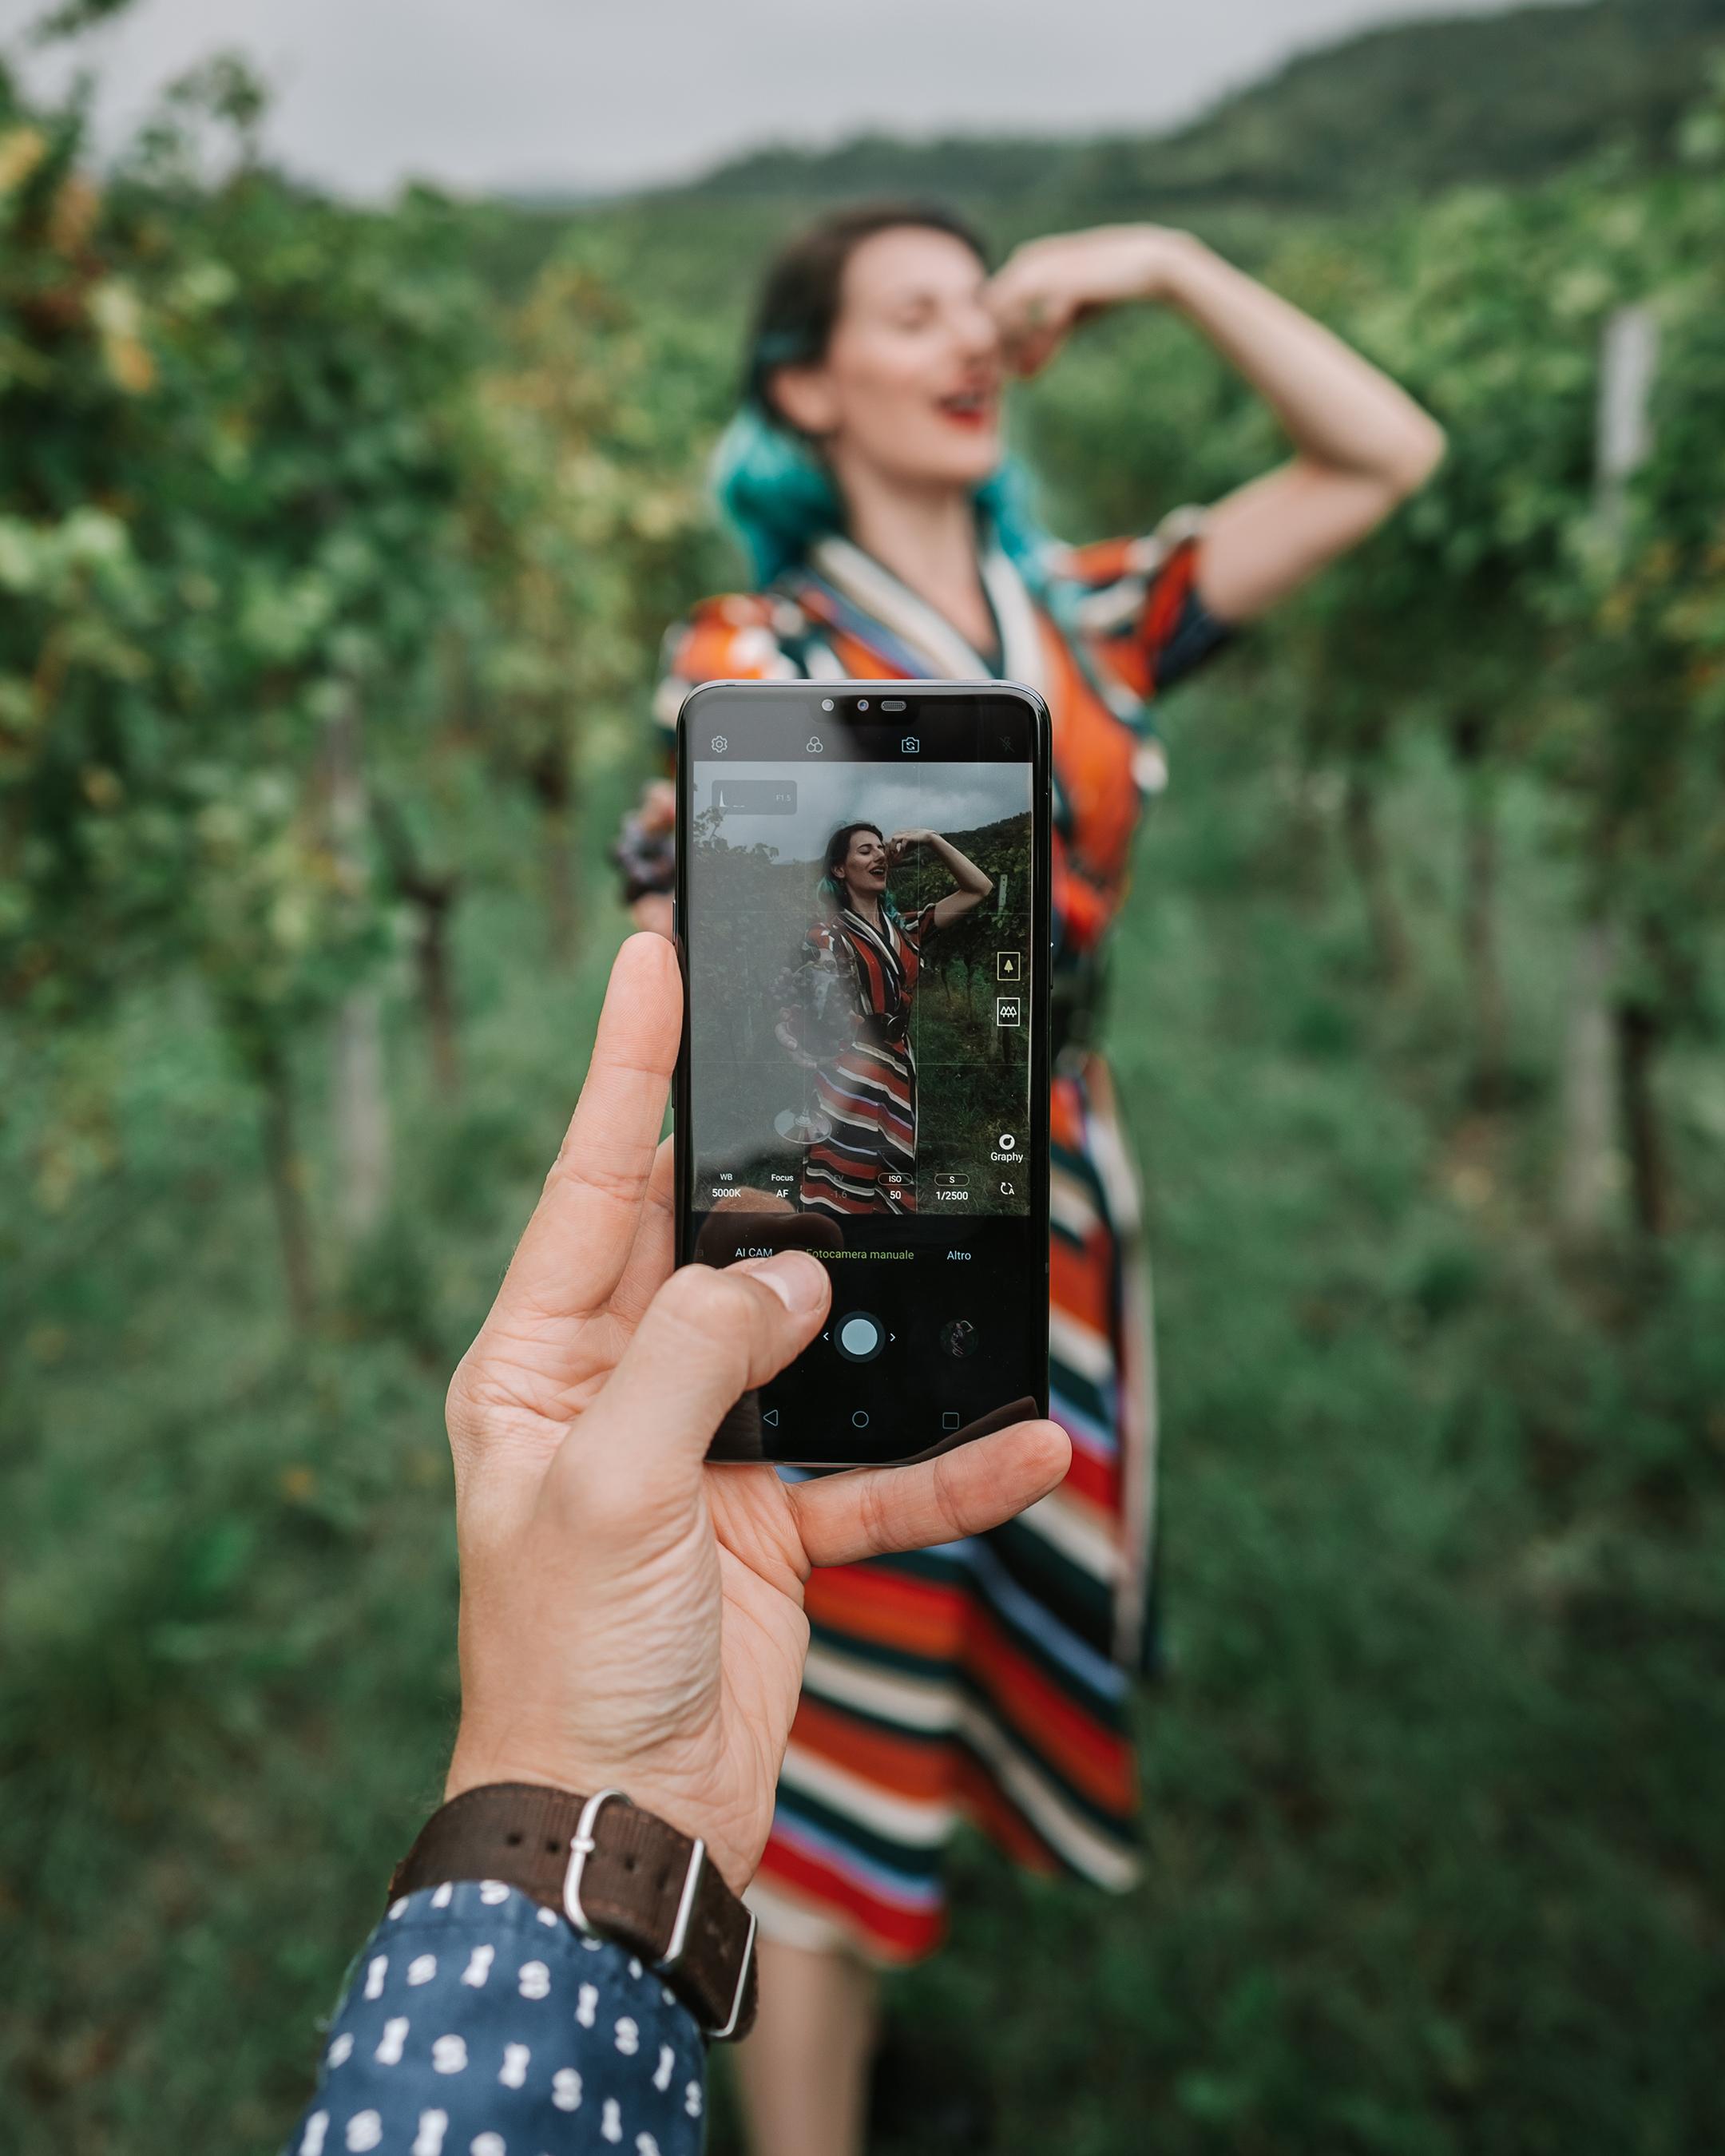 Looking through LG Mobile (@inviaggiocoltubo)